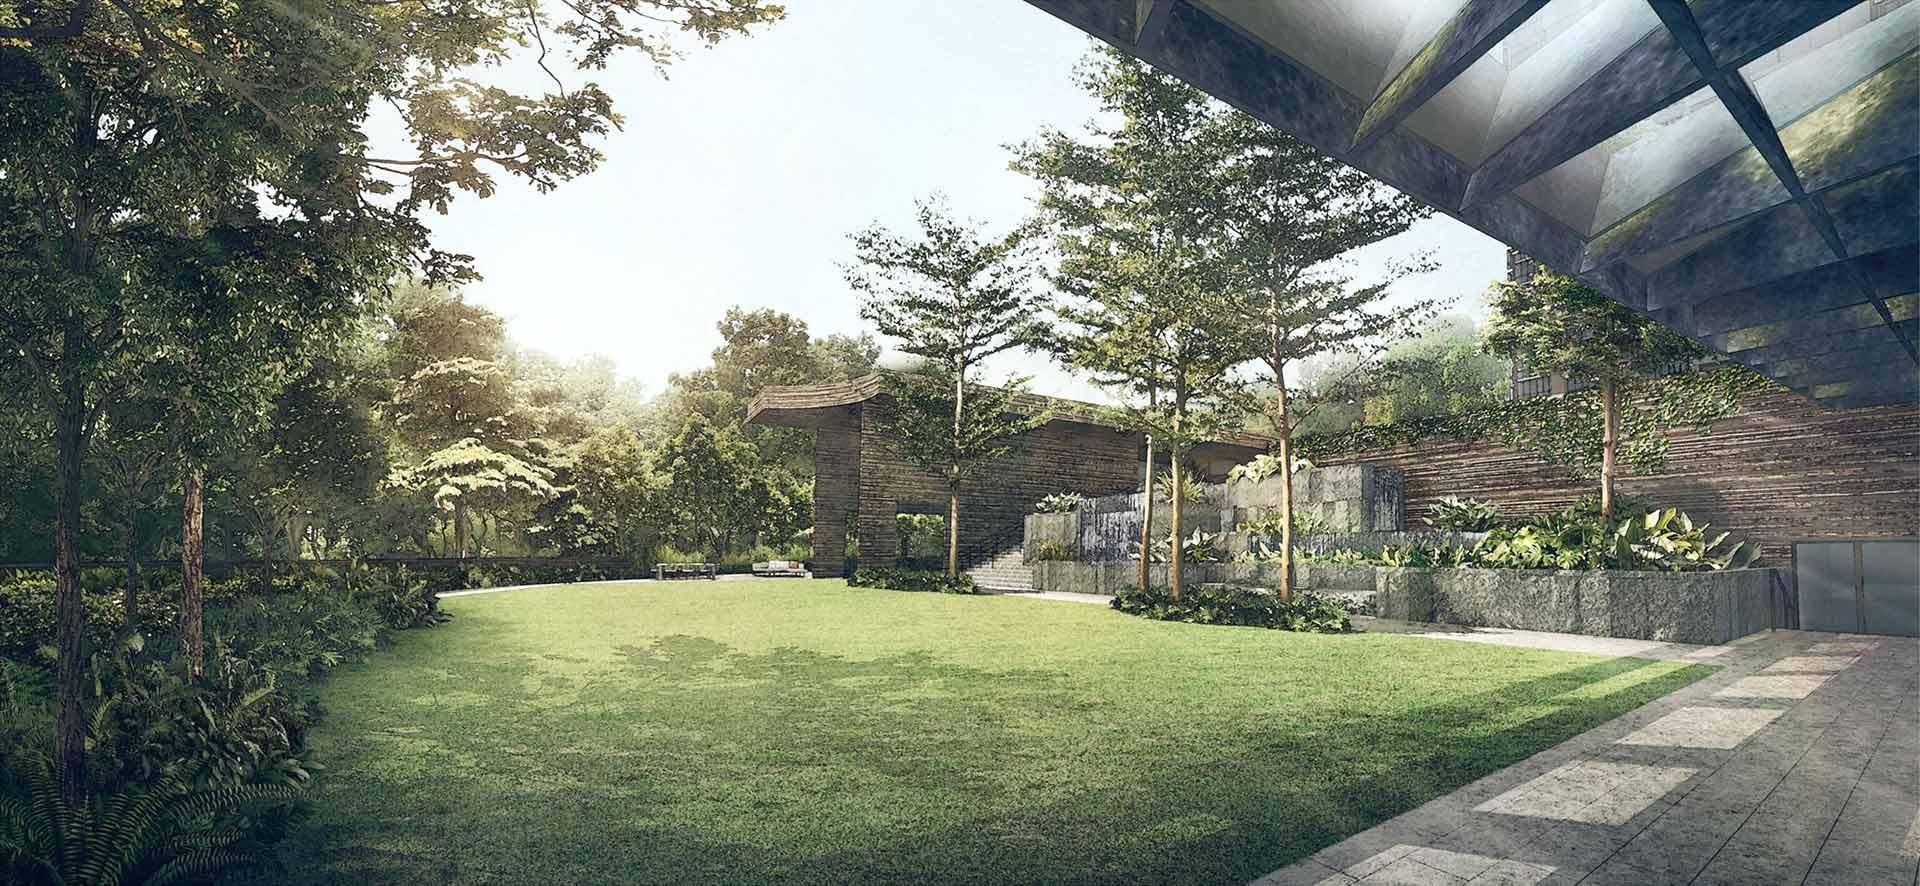 Martin Modern party lawn